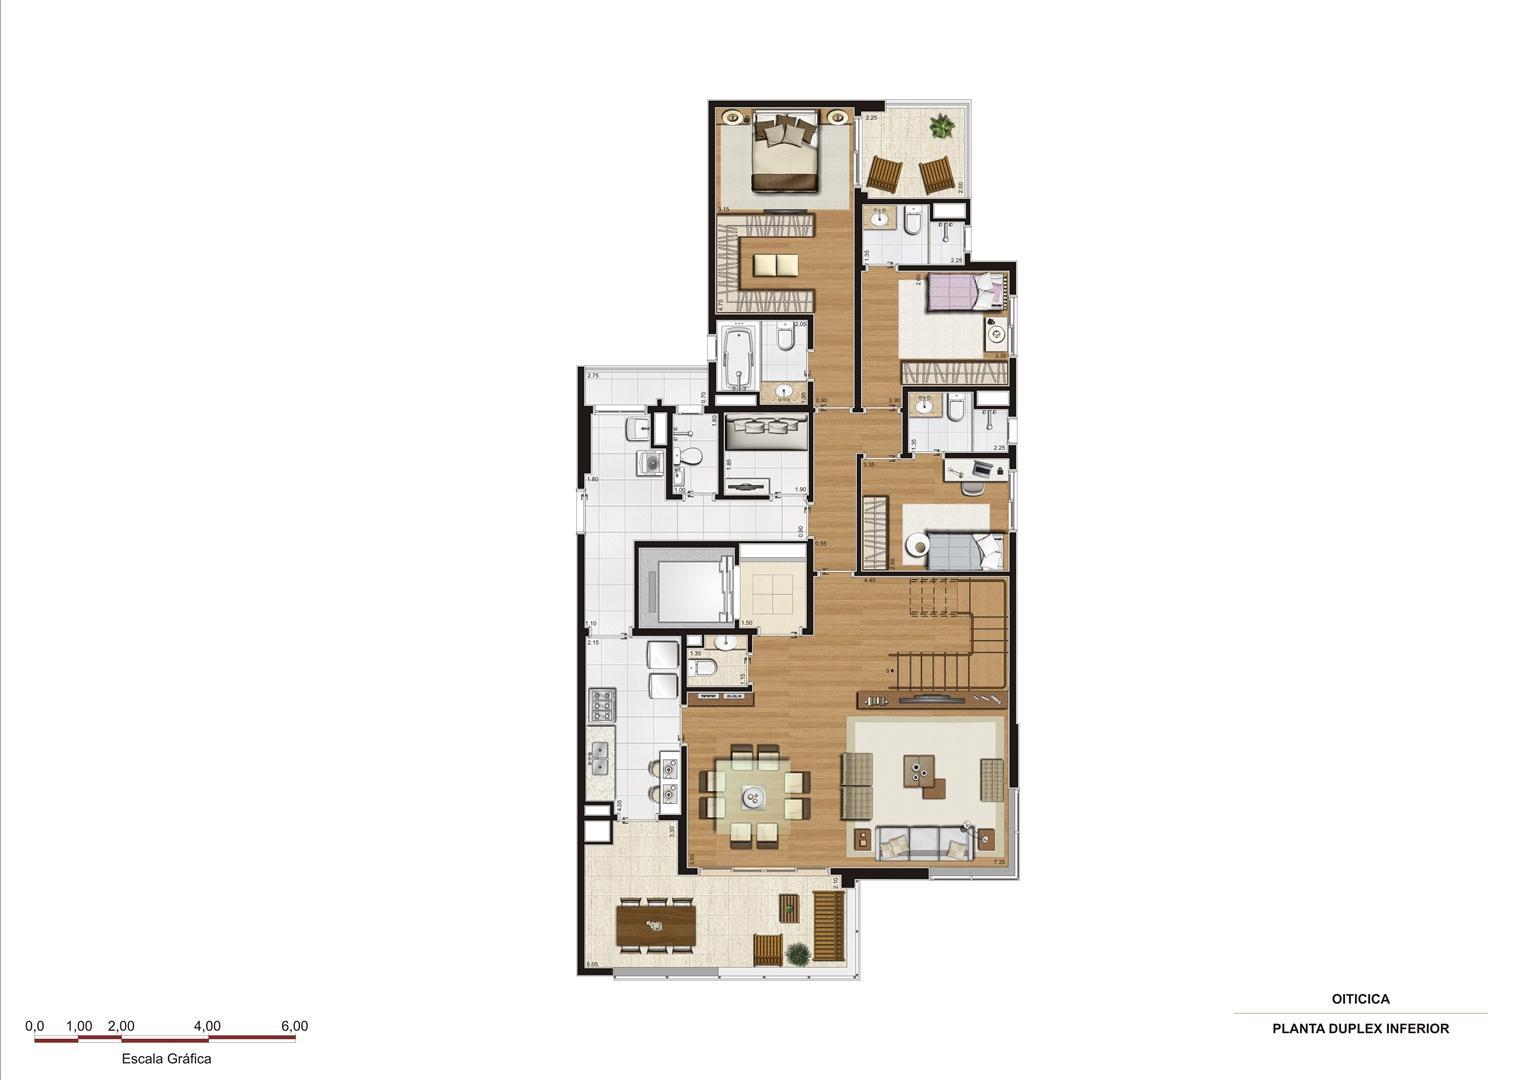 Duplex Inferior | Vetrino Brooklin by Cyrela – Apartamento no  Brooklin - São Paulo - São Paulo